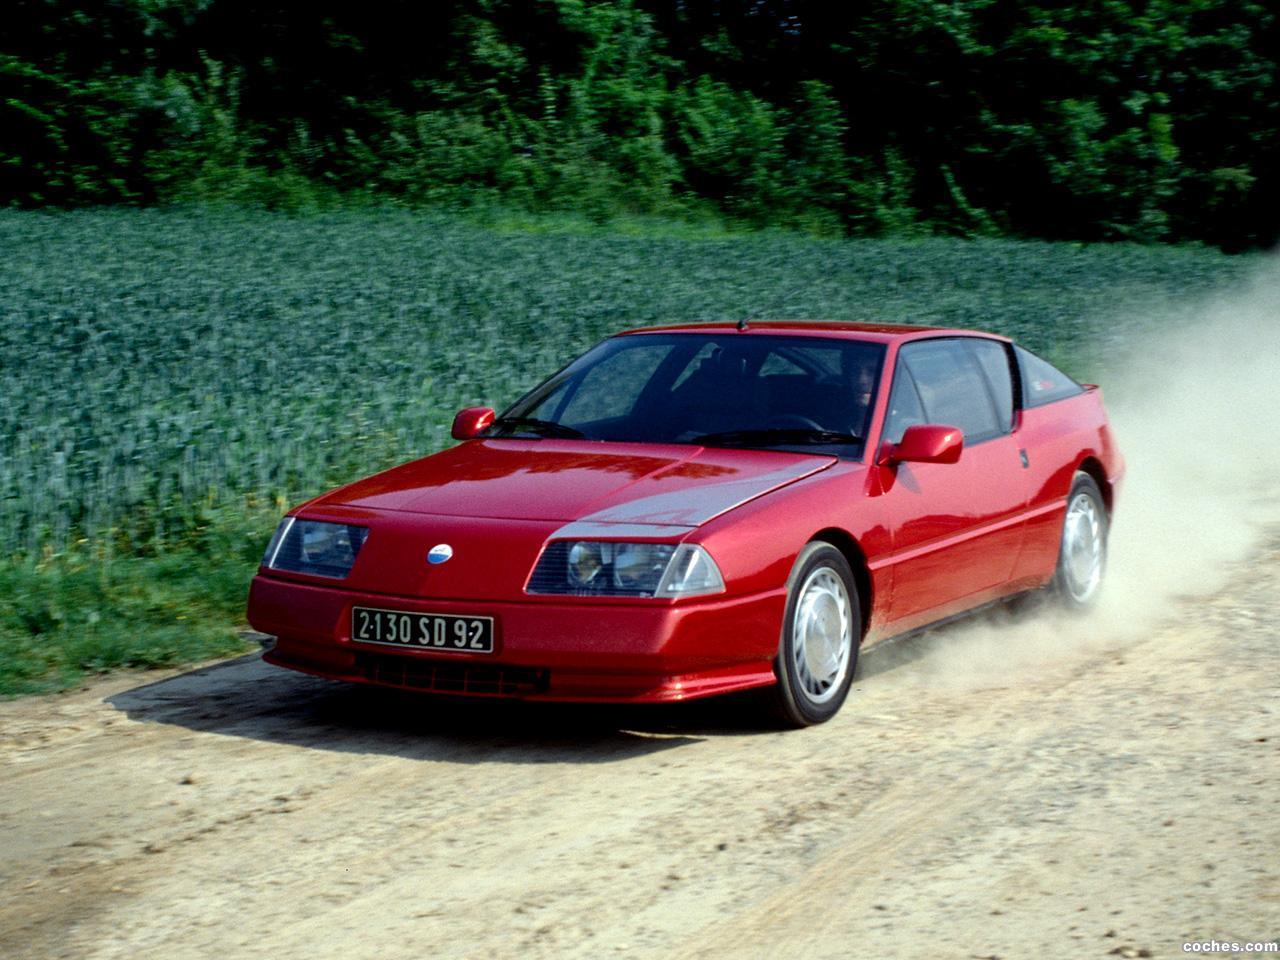 Foto 13 de Renault Alpine GTA V6 Turbo Mille Miles 1991